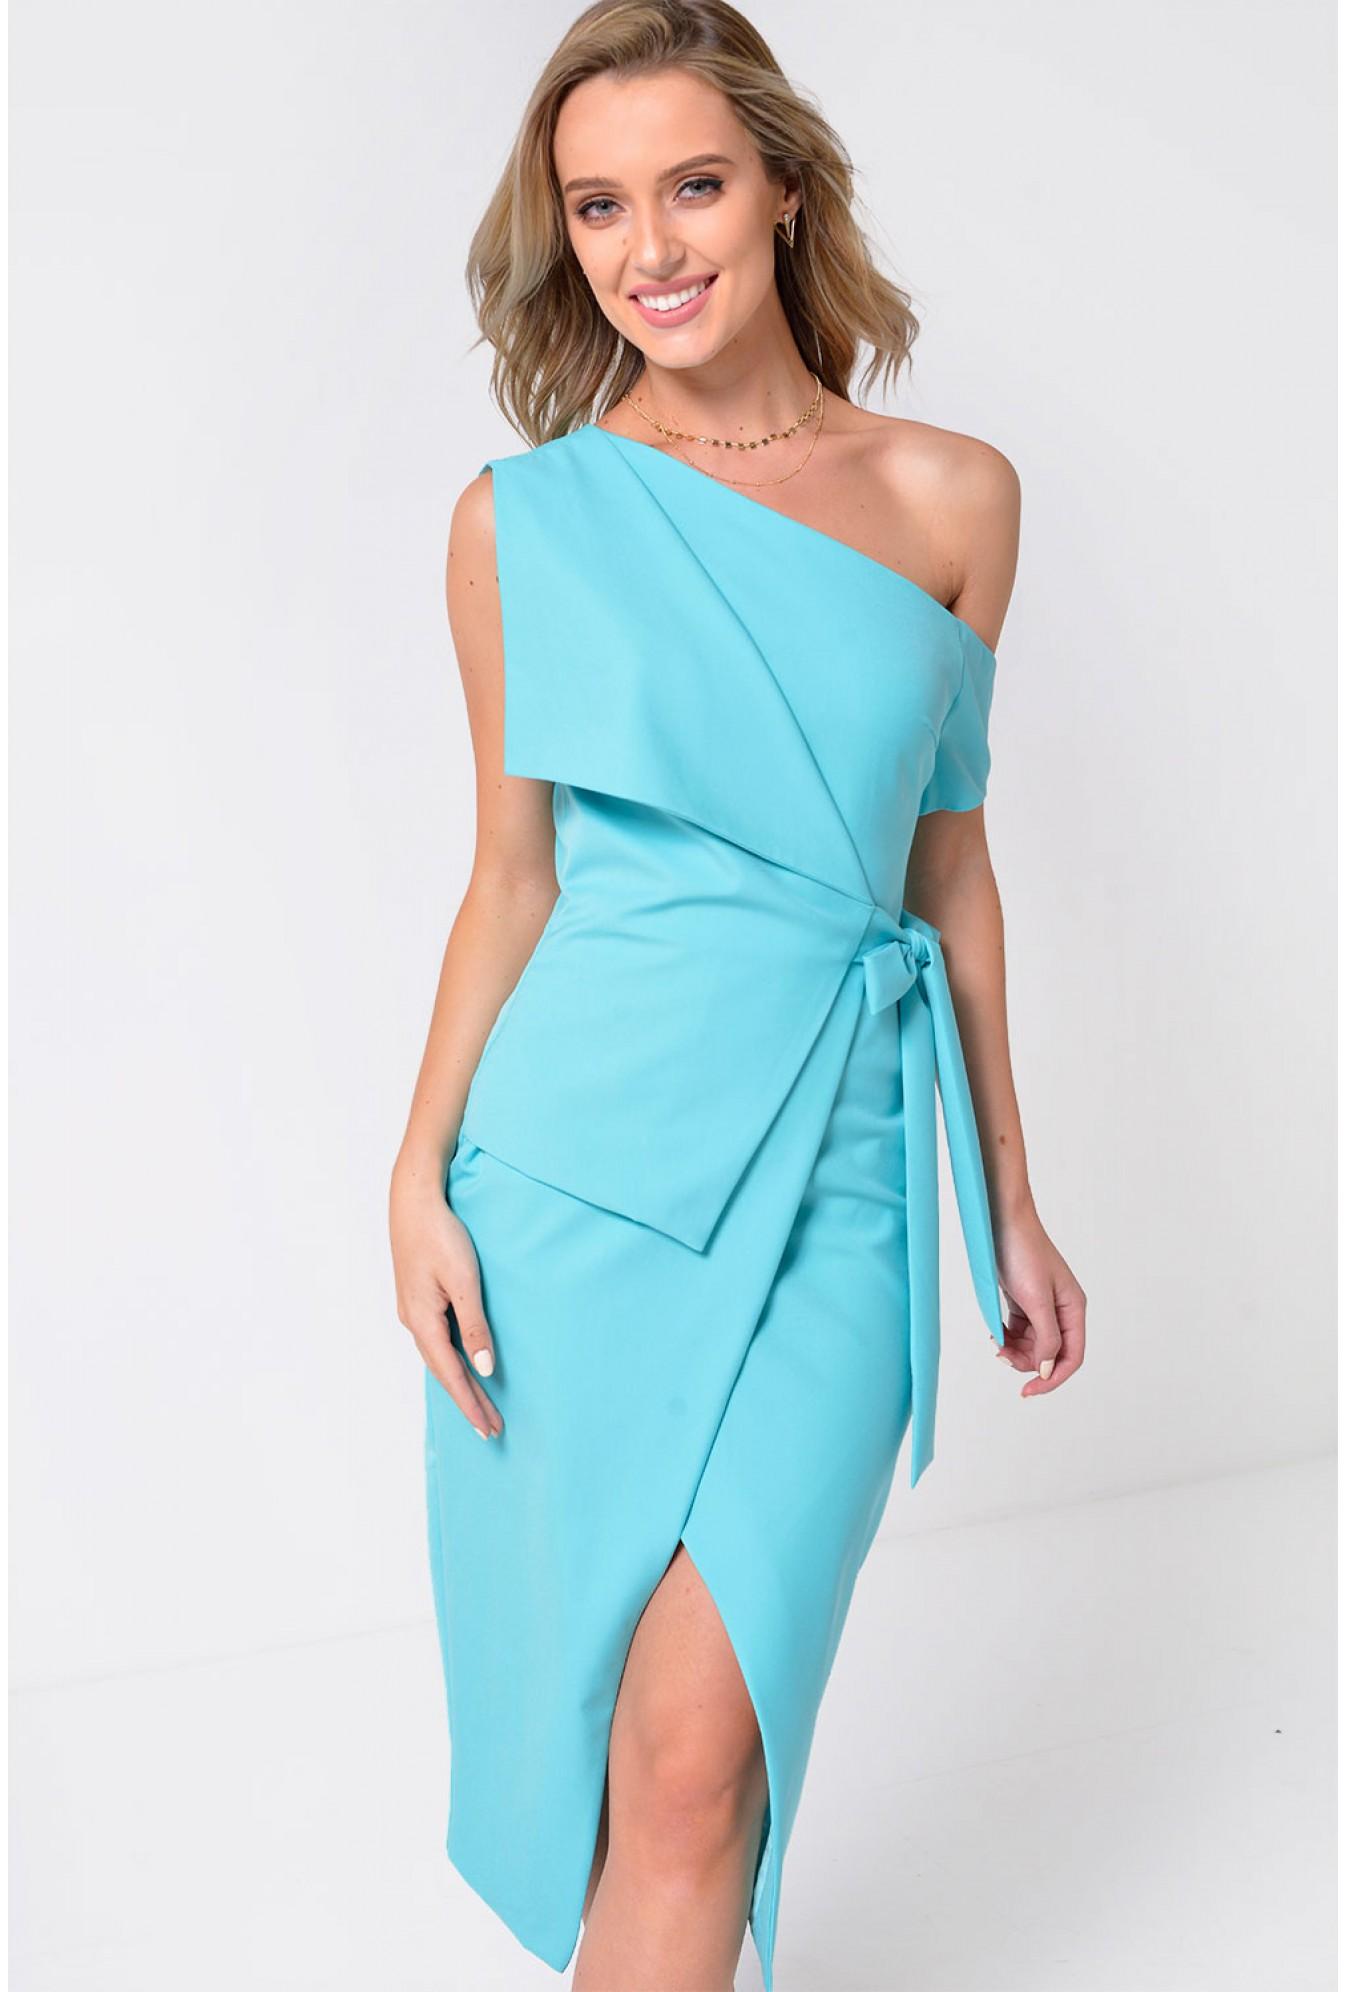 Lavish Alice Lavish Alice One Cold Shoulder Midi Wrap Dress in Mint ... 171c9ba6c